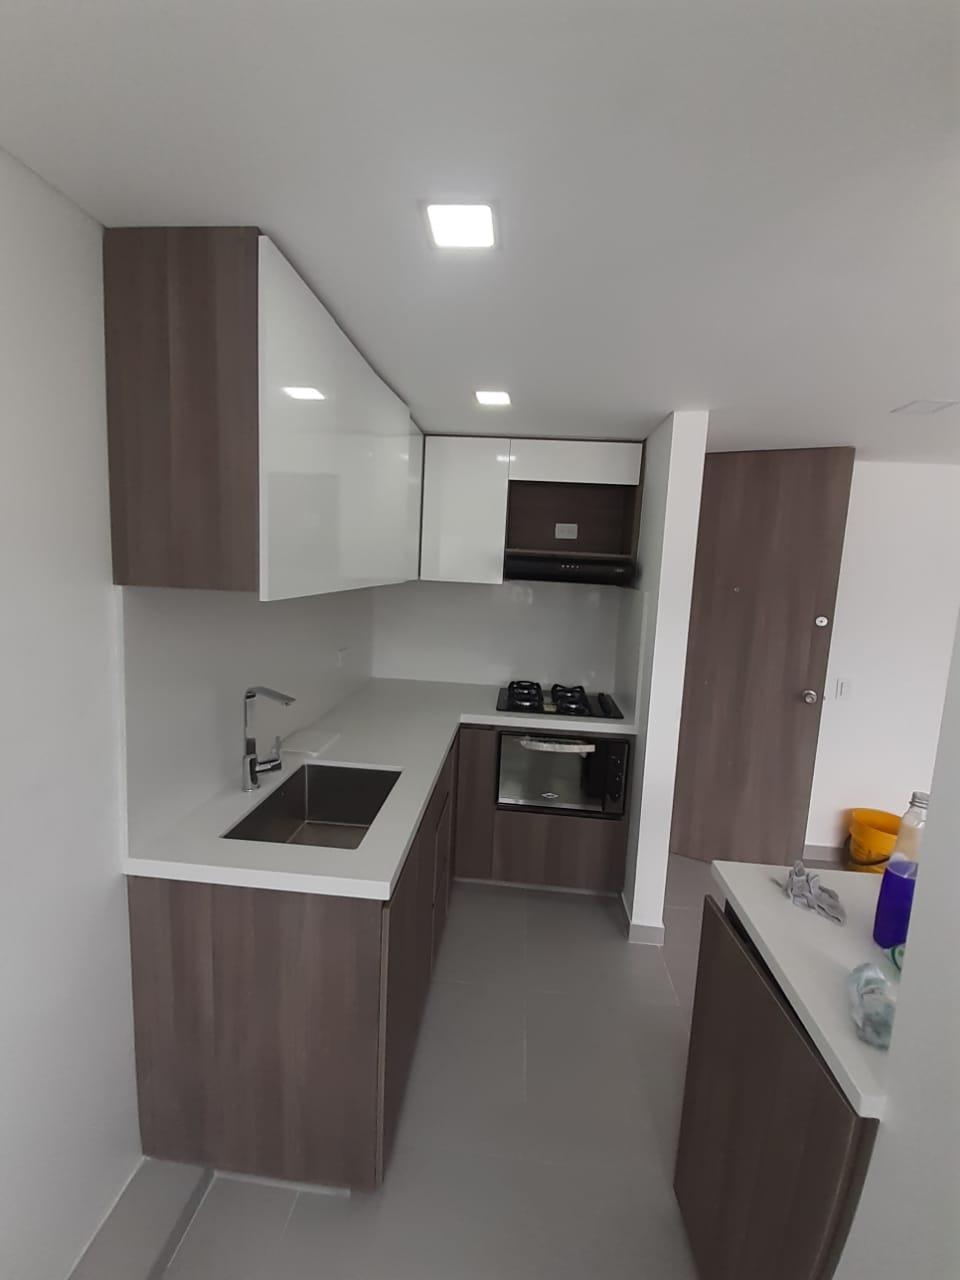 Apartamento en Bello 141423, foto 0